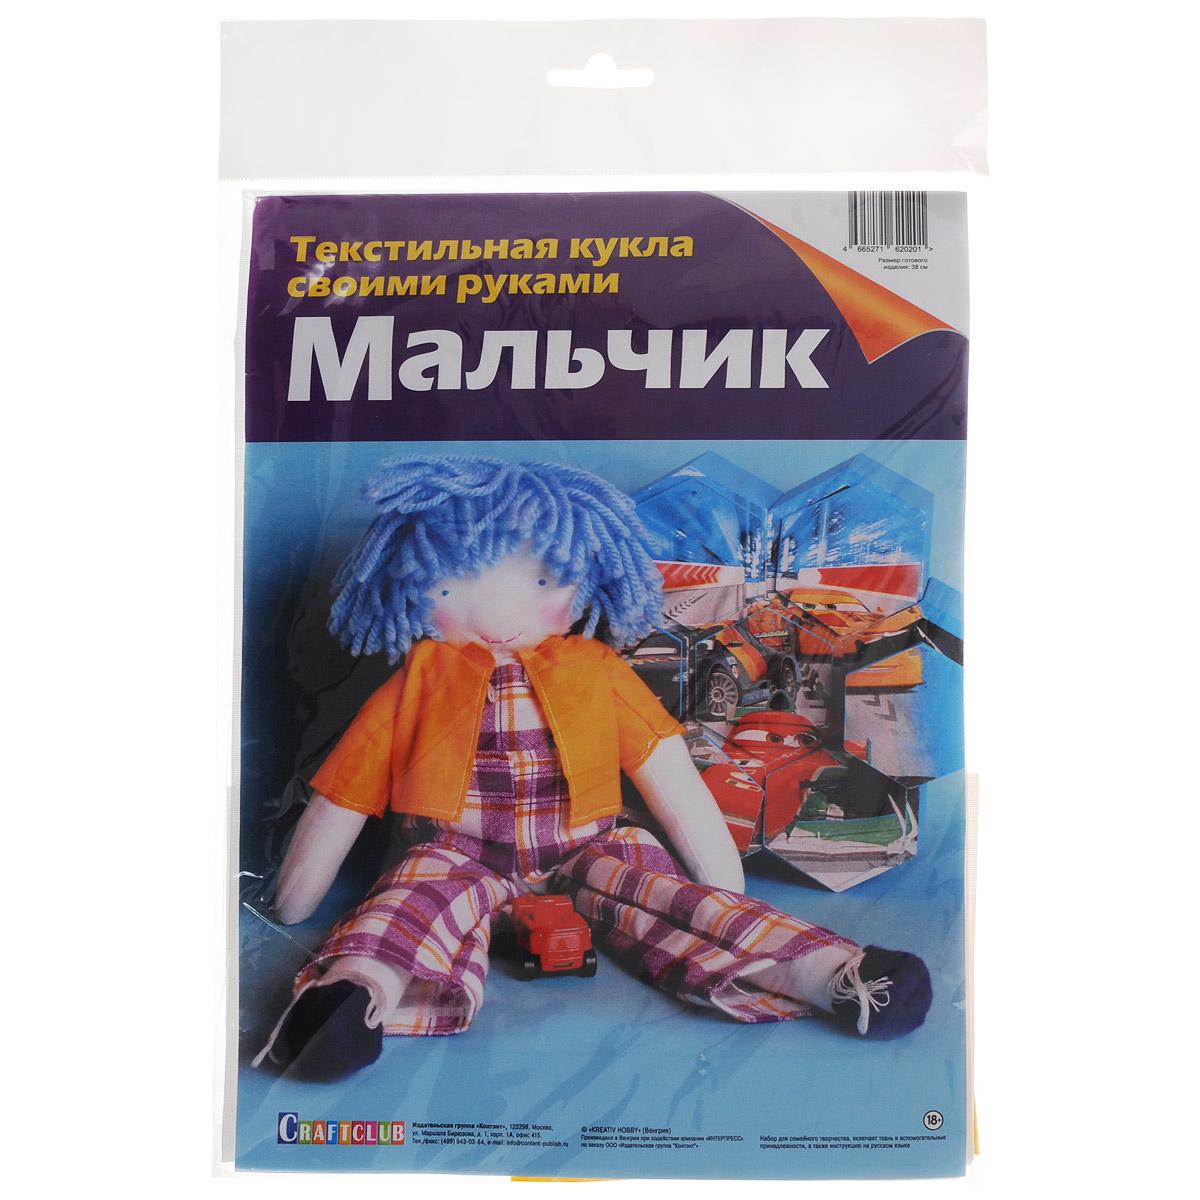 Набор для изготовления текстильной куклы Craftclub Мальчик, высота 38 см4665271620201Набор Craftclub Мальчик позволит самостоятельно создать текстильную куклу. В набор входит: - ткань (100% хлопок); - войлок; - пуговицы (2 шт); - нитки-мулине; - пряжа; - выкройки; - инструкция на русском языке. Набор для изготовления текстильной куклы подарит массу положительных эмоций. Работа, выполненная своими руками, станет отличным подарком для друзей и близких! Наполнитель в комплект не входит. В качестве наполнителя подойдет синтепух. Высота готового изделия: 38 см.